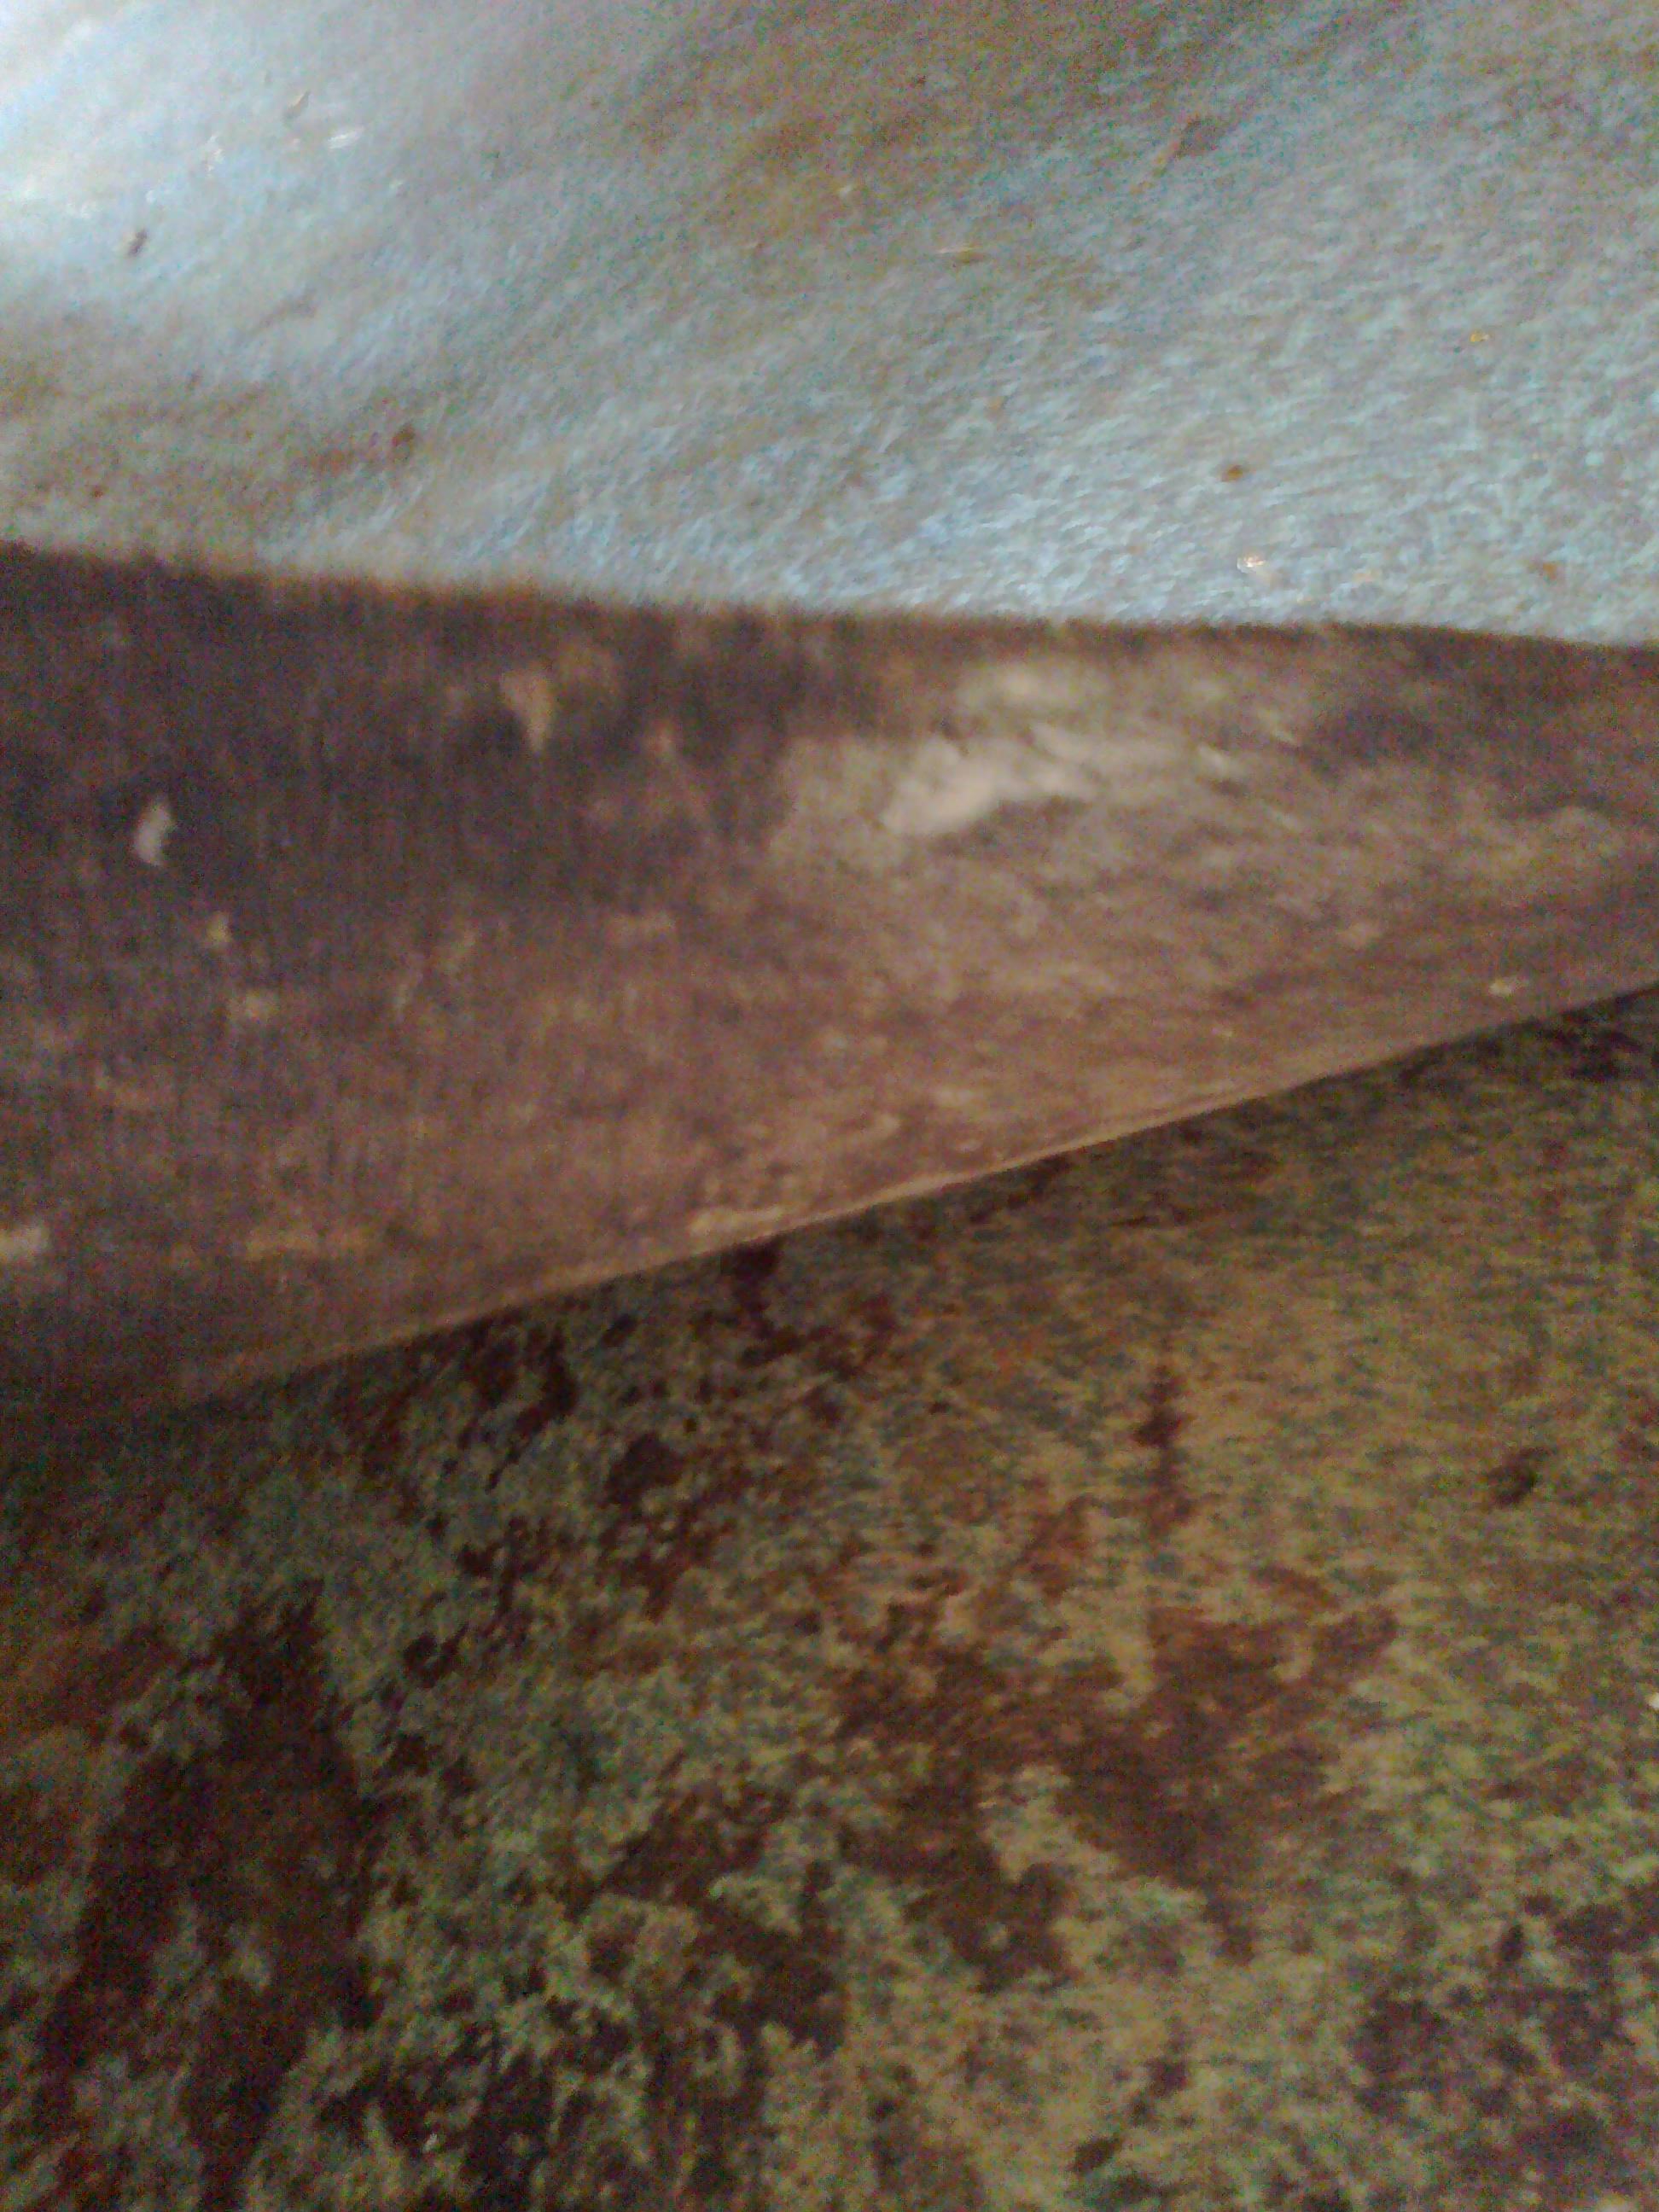 hilfe asbest im boden brauch eure einsch tzung bitte gesundheit renovieren pvc. Black Bedroom Furniture Sets. Home Design Ideas